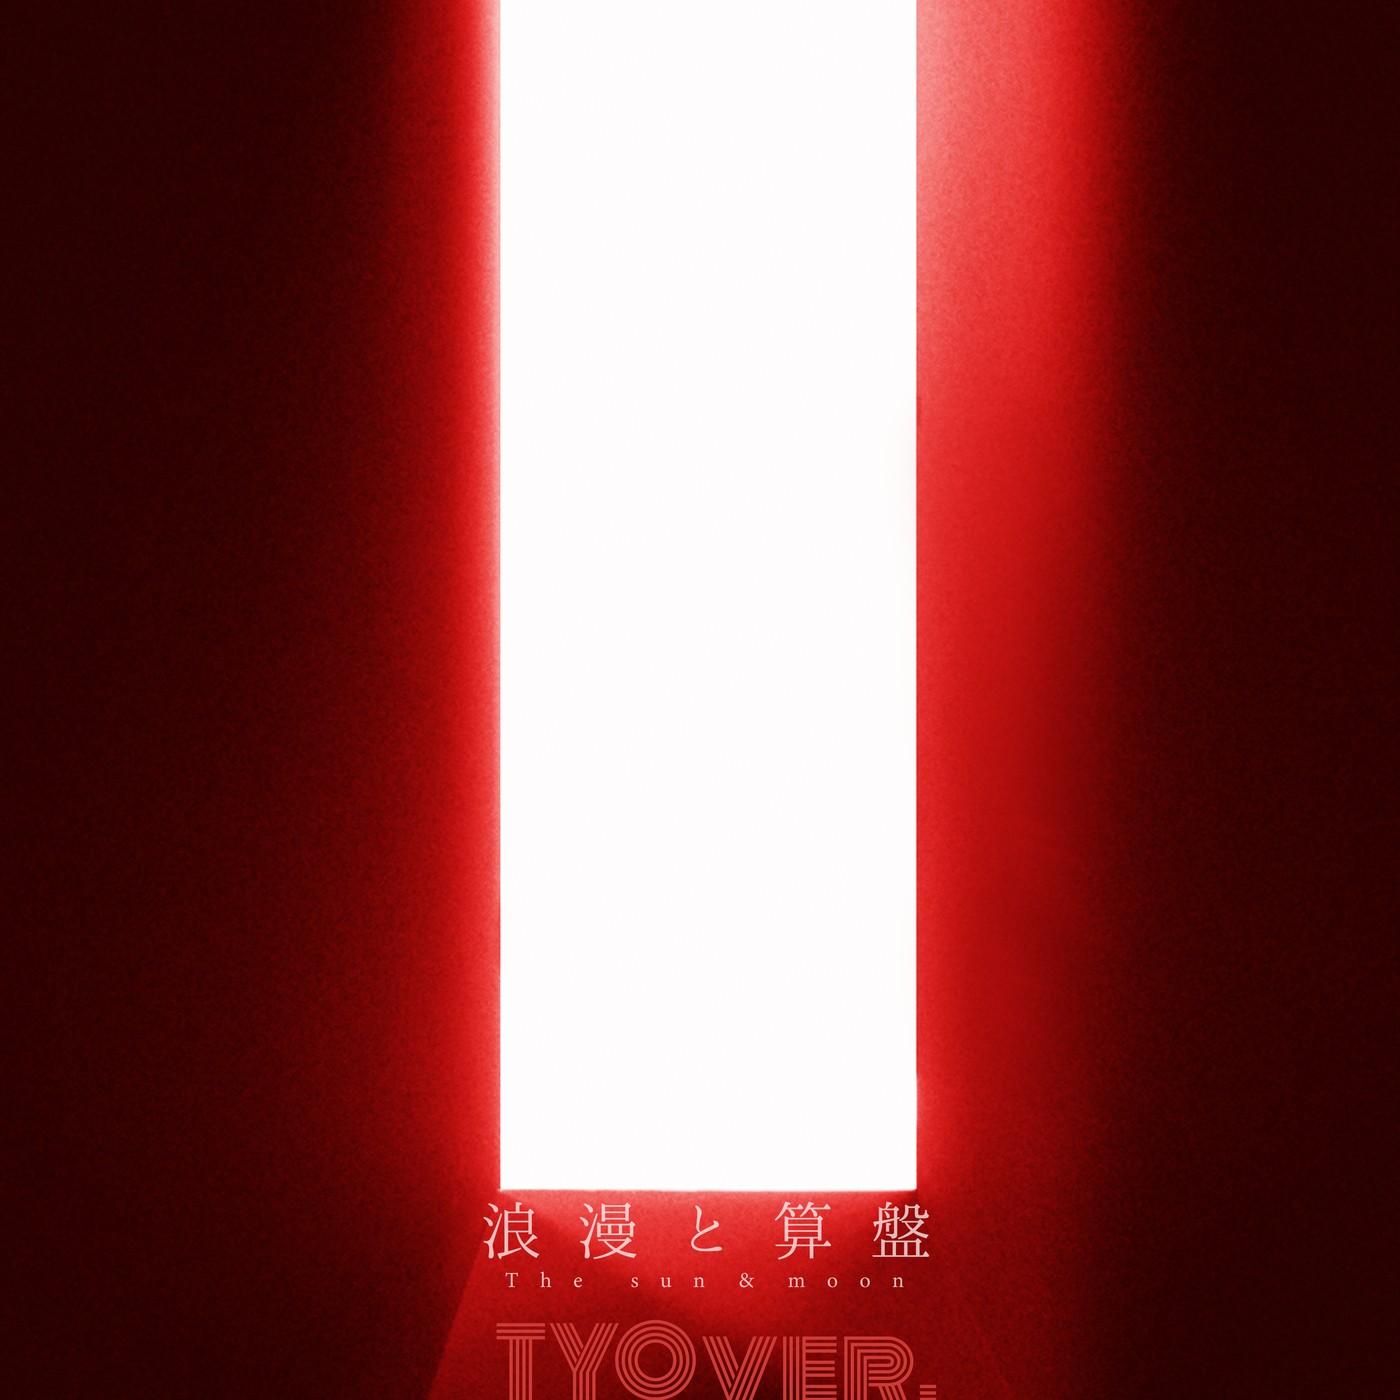 椎名林檎 (Shiina Ringo) – 浪漫と算盤 TYO ver. [24bit Lossless + MP3 320 / WEB] [2019.11.25]